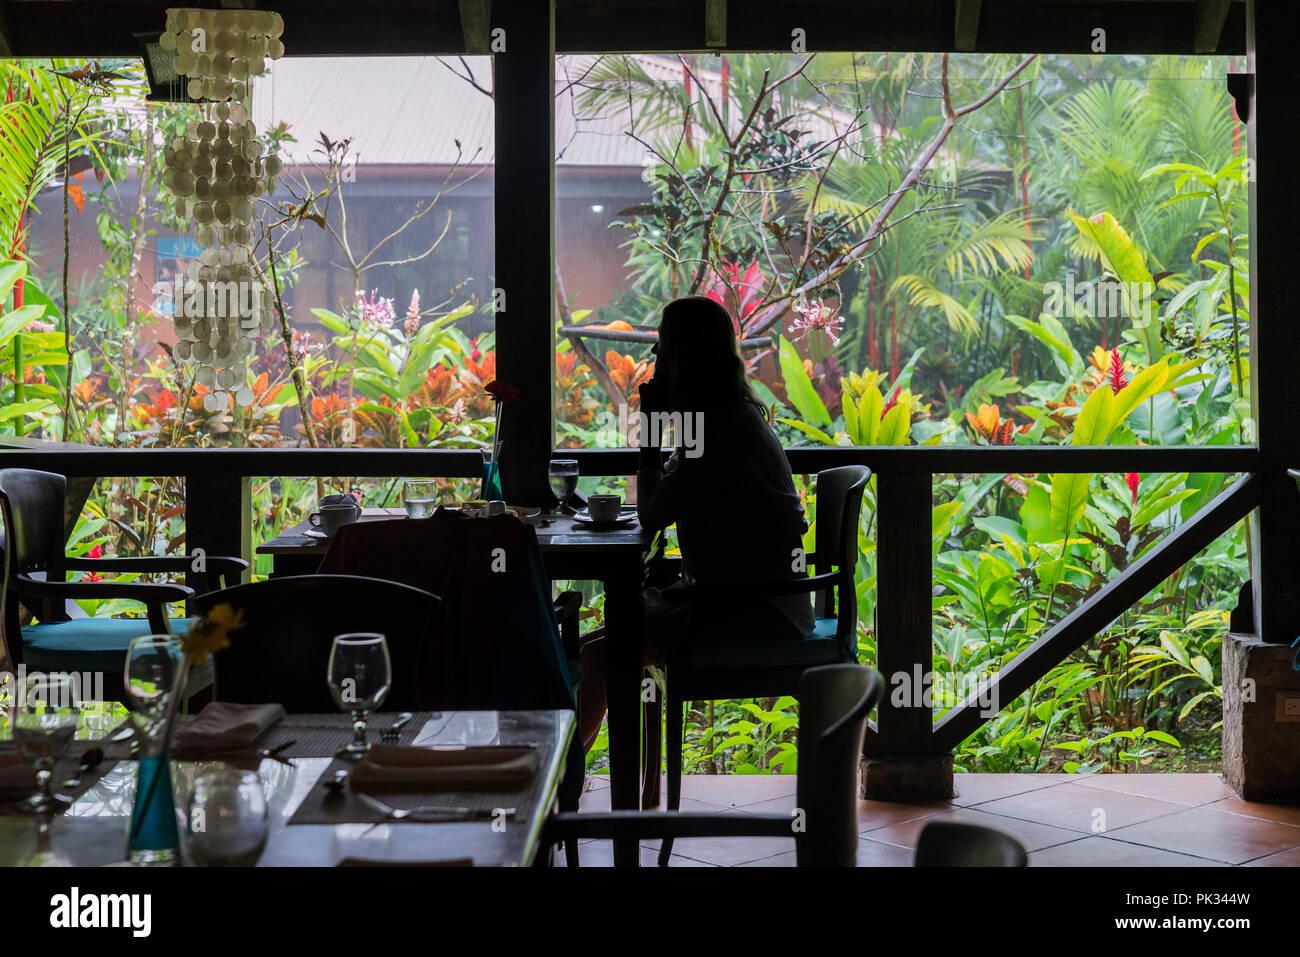 Silueta de mujer en el Mirador El Silencio Hotel, San Carlos, Costa Rica Imagen De Stock